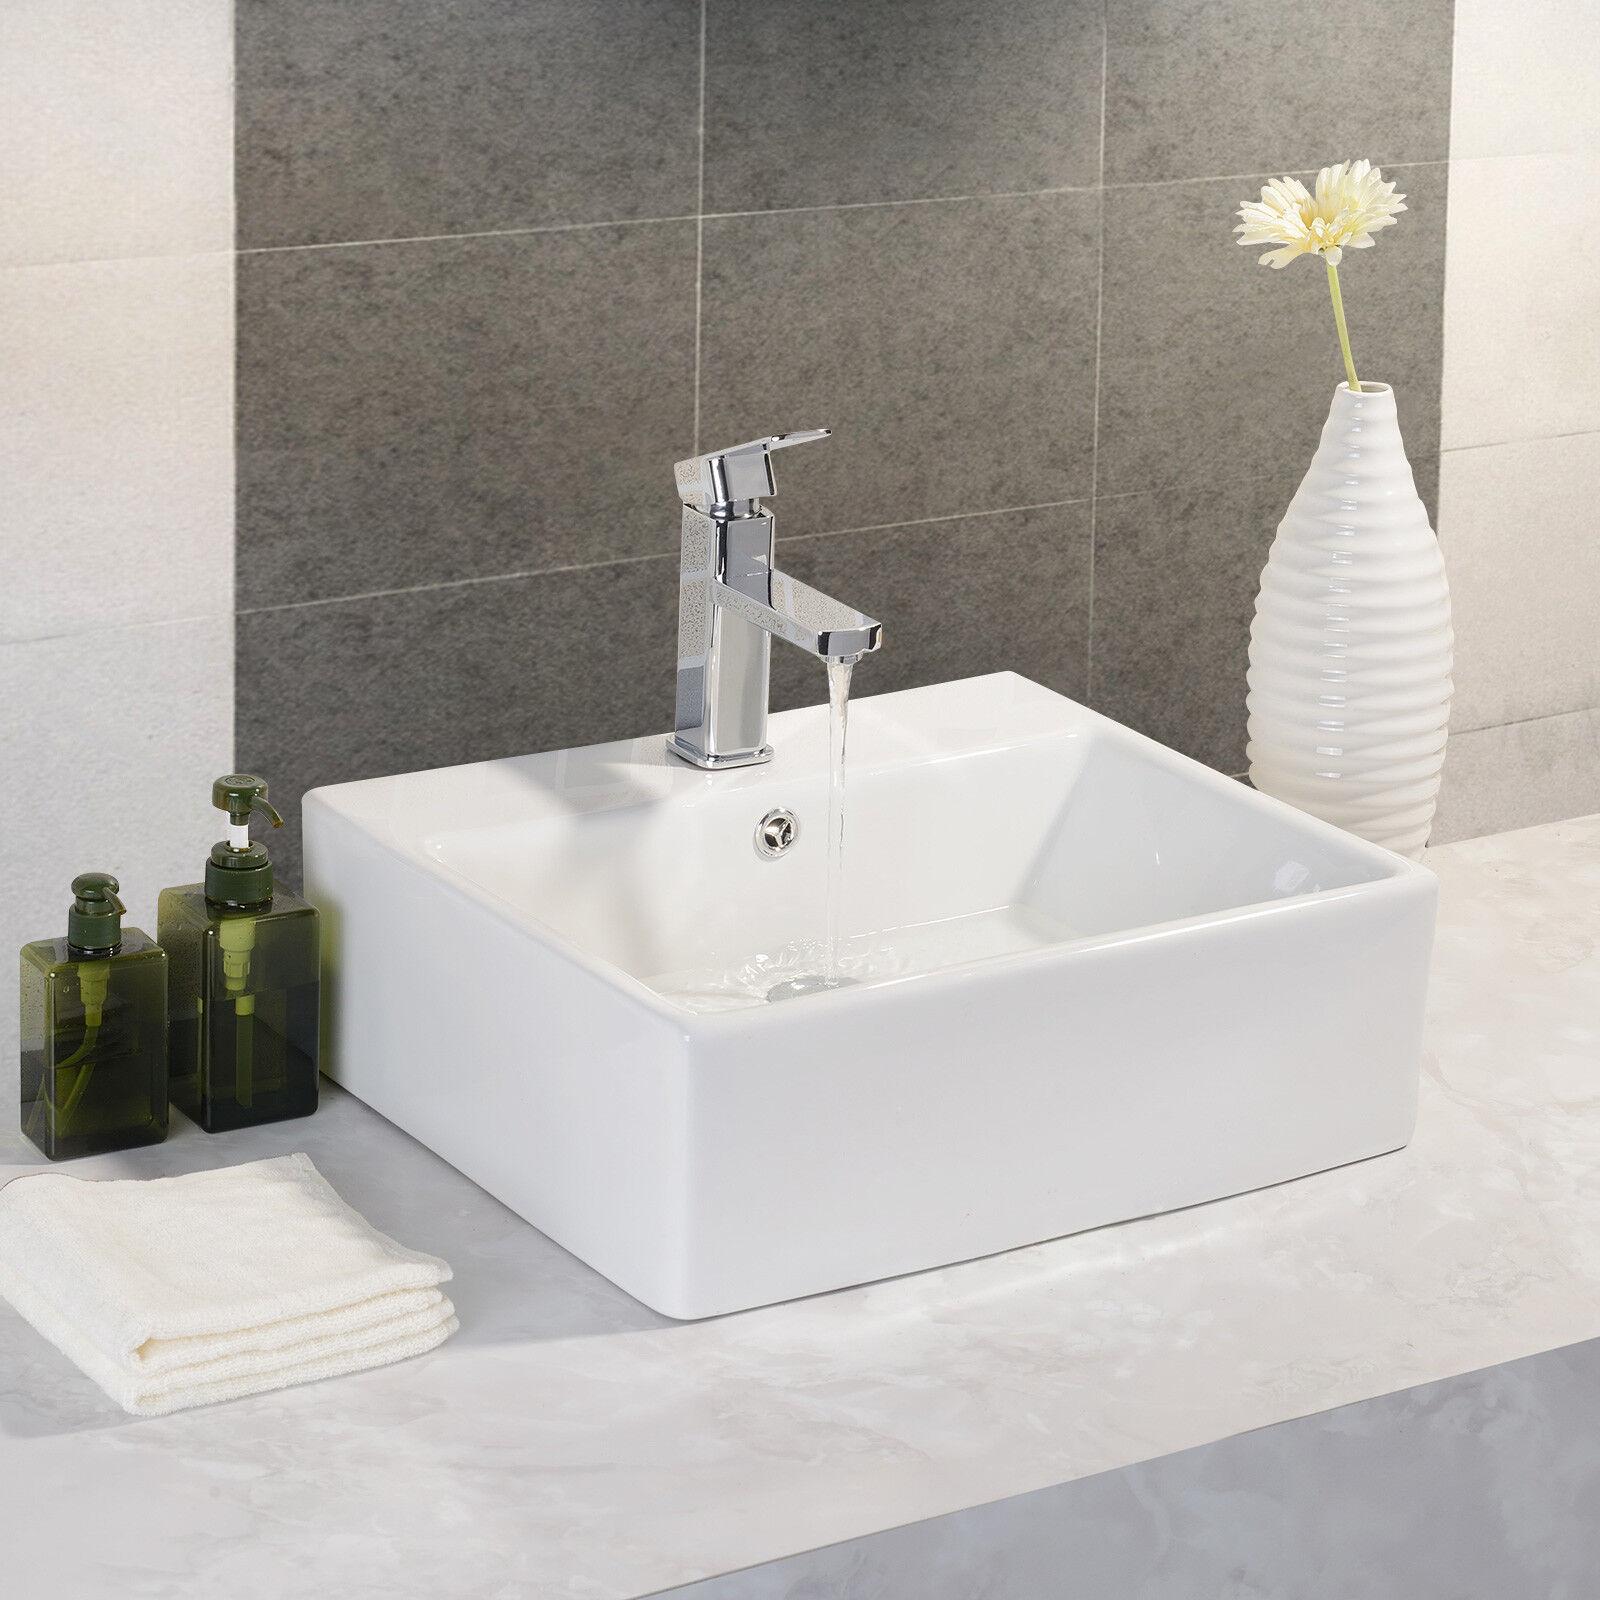 Uenjoy Waschbecken Rechteckig Design Waschschale Aufsatzwaschbecken